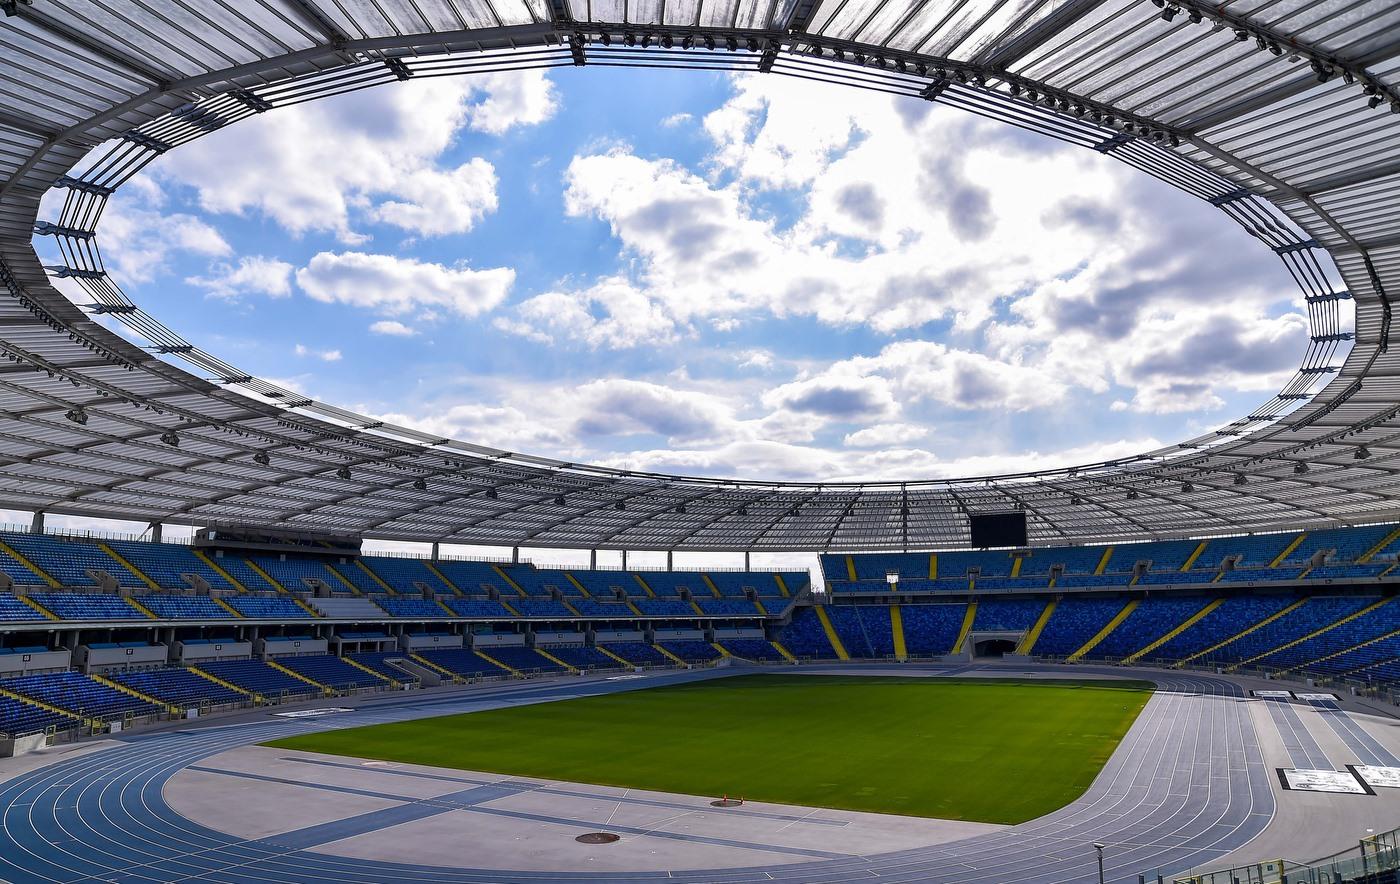 Stadion Śląski gospodarzem Drużynowych Mistrzostw Europy 2021!